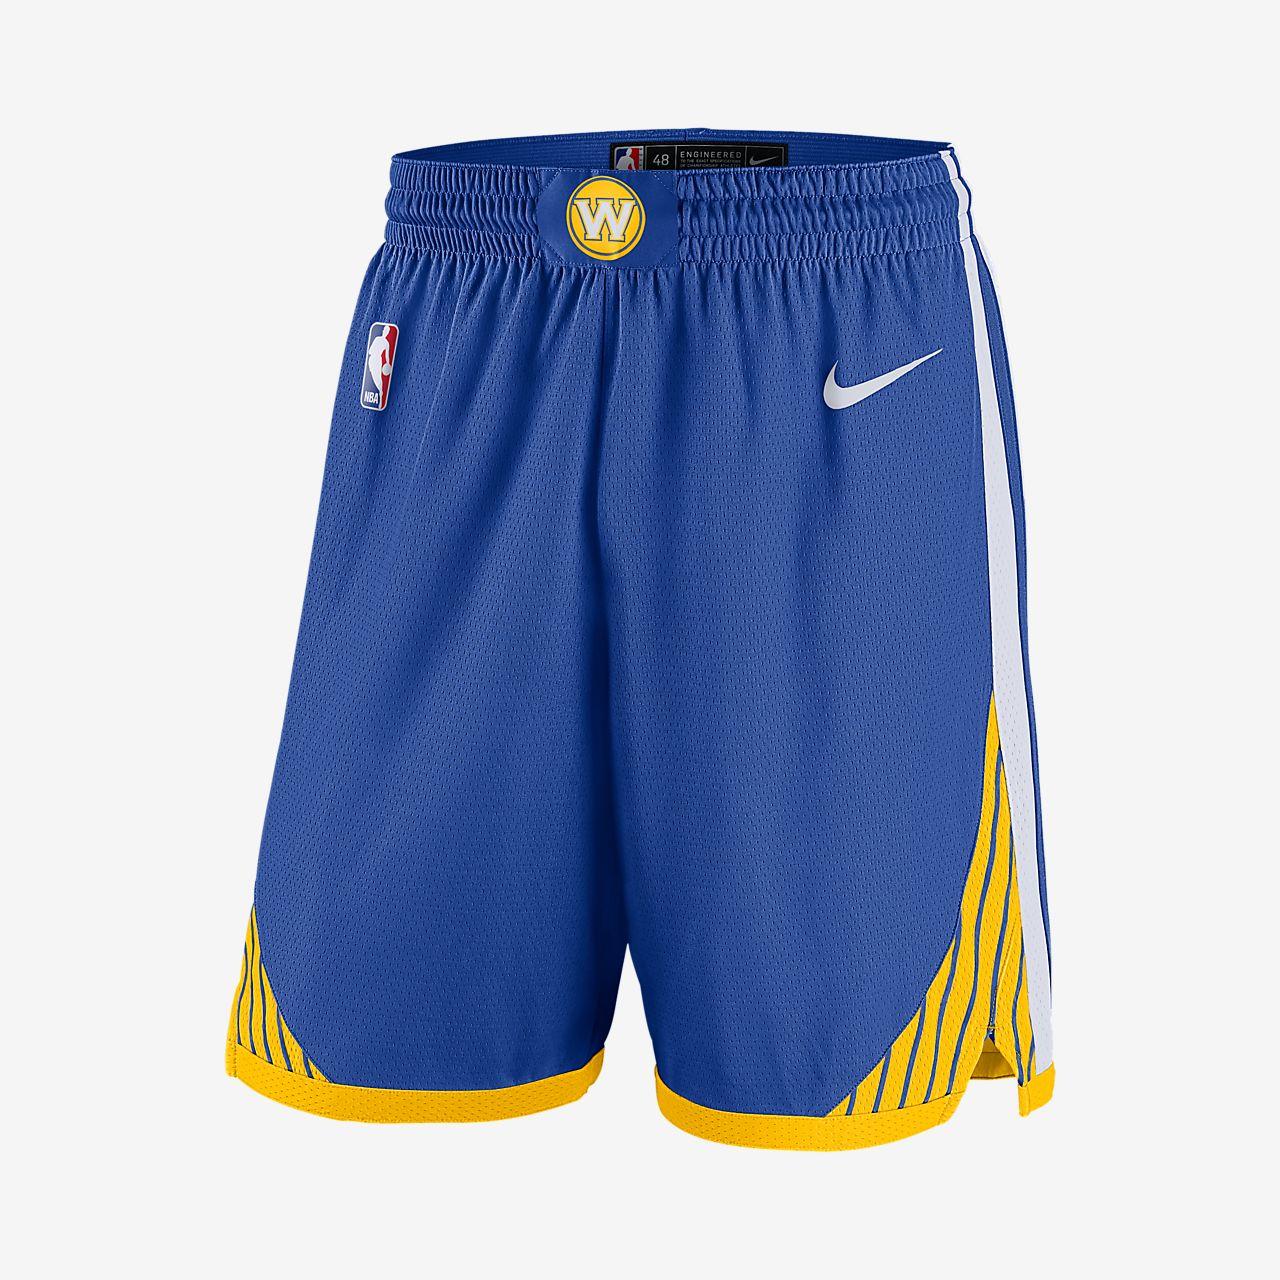 Shorts de NBA para hombre Golden State Warriors Nike Icon Edition Swingman